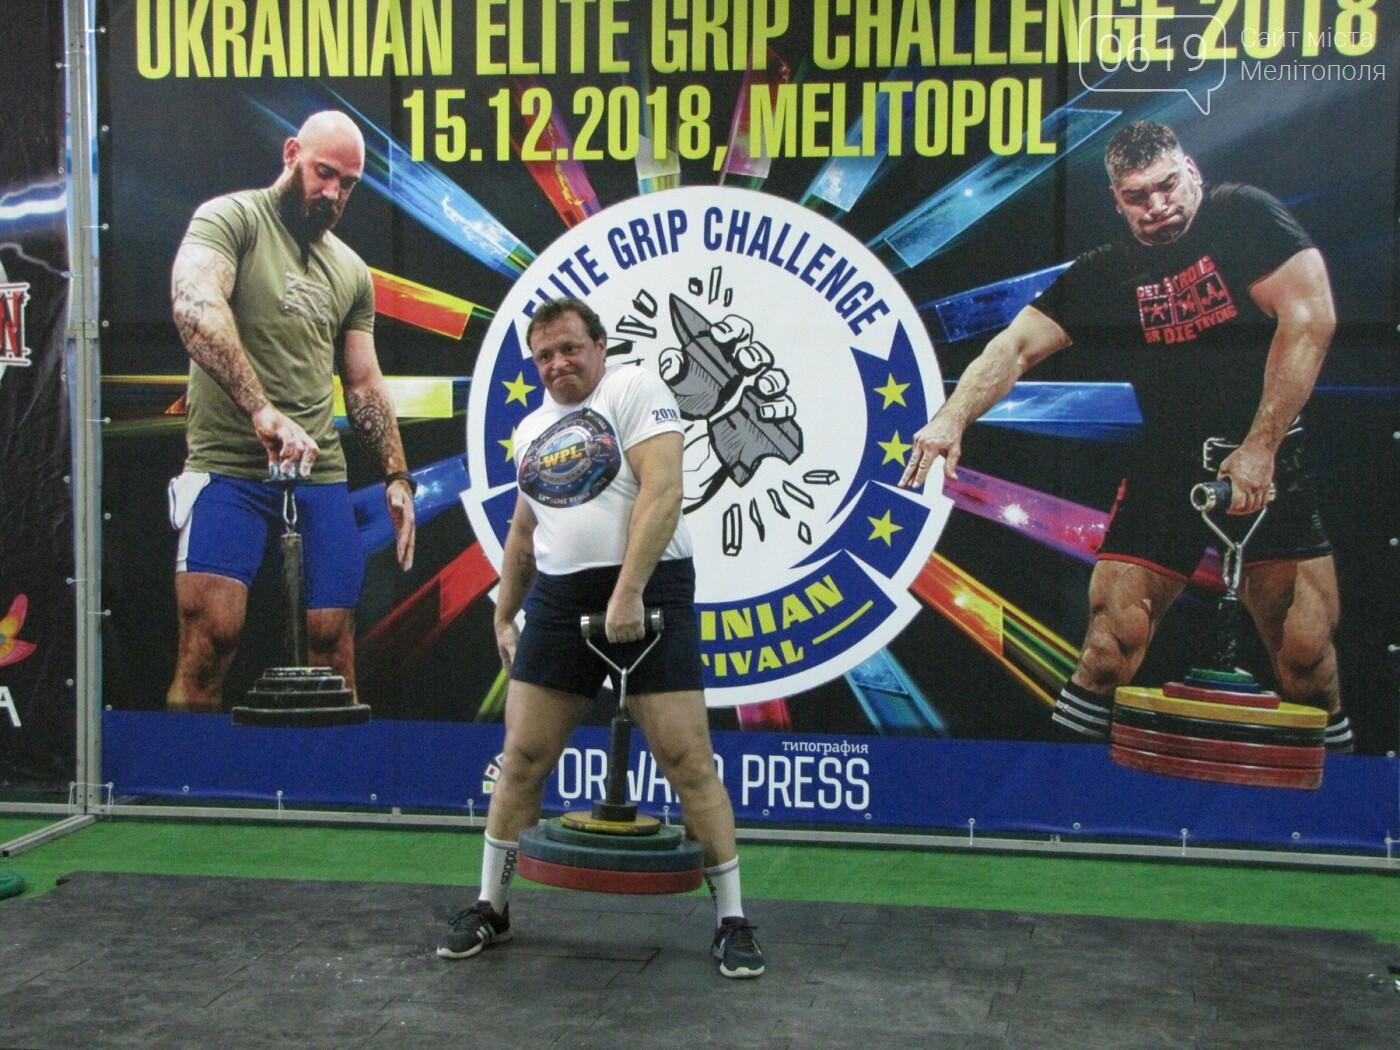 В Мелитополе сильнейшие атлеты соревновались в силе хвата, фото-3